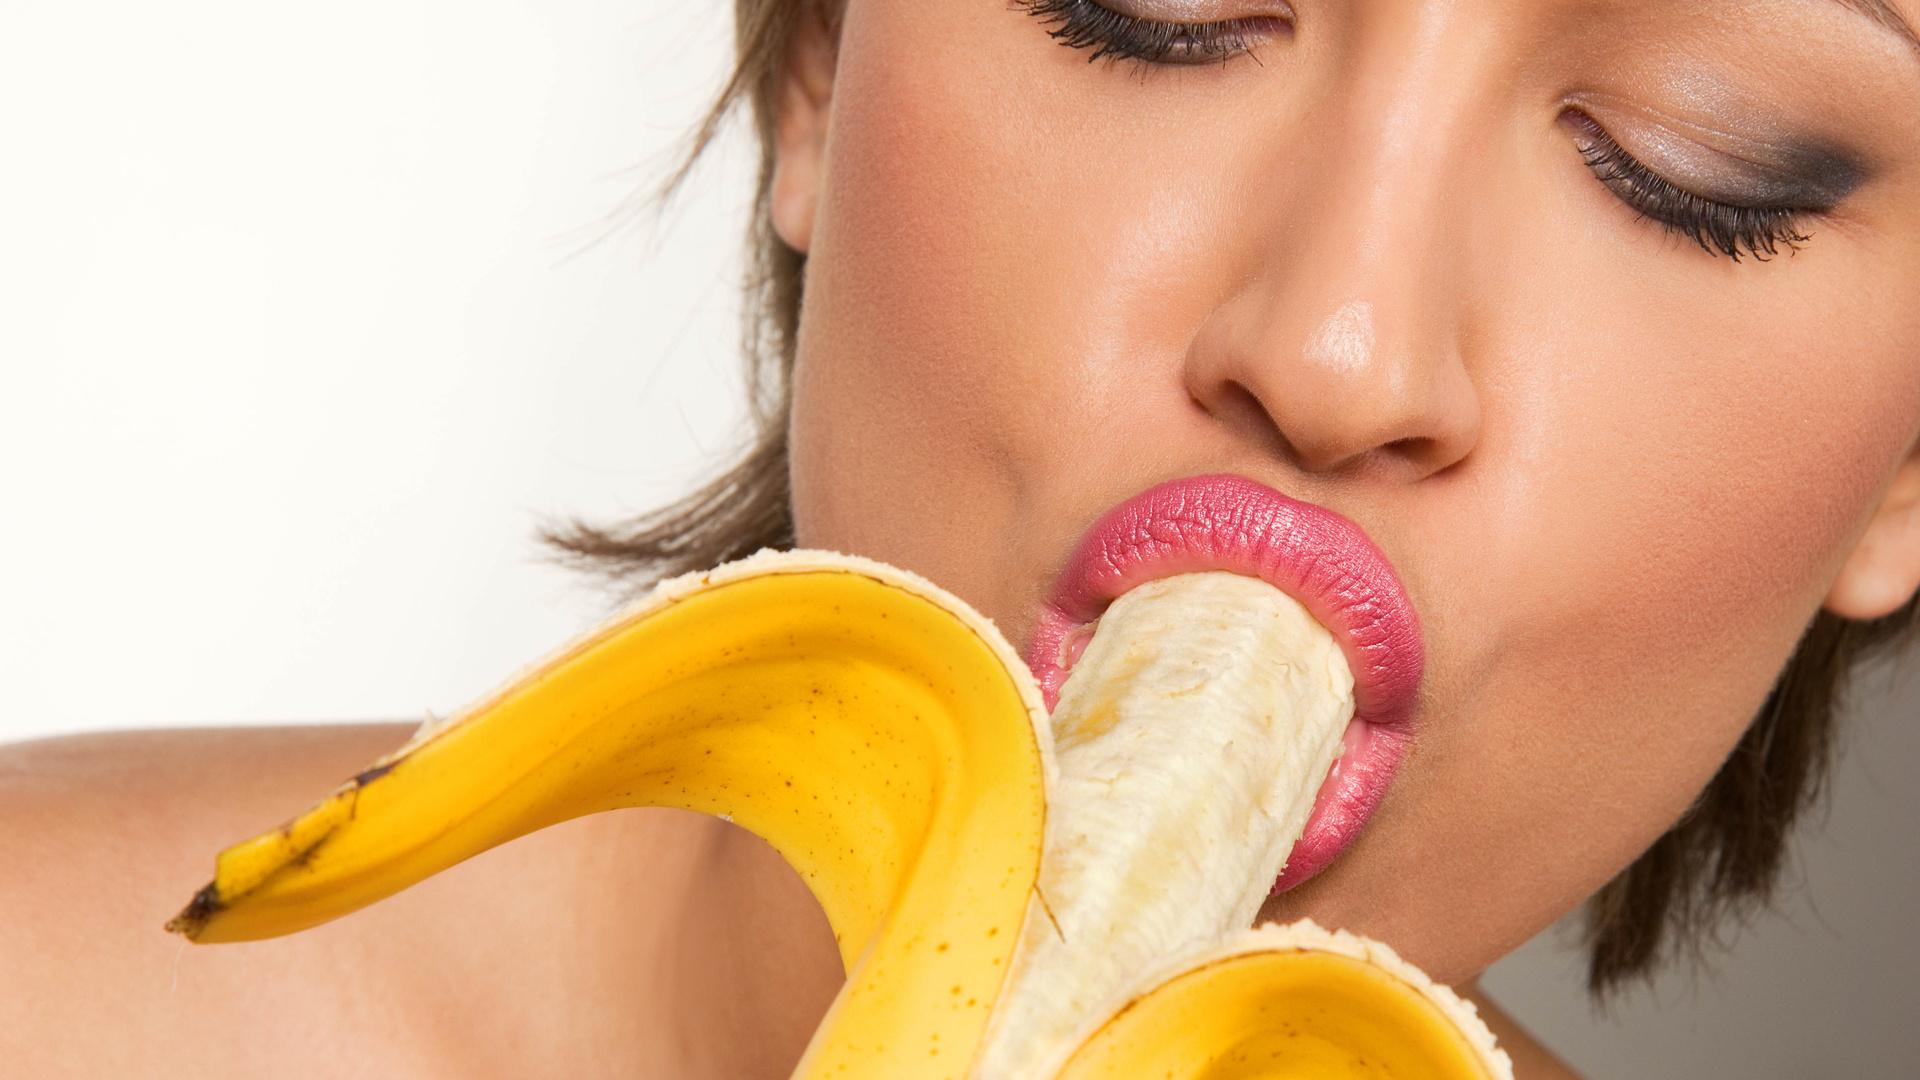 Лизбиянка кончела в рот своей подруге